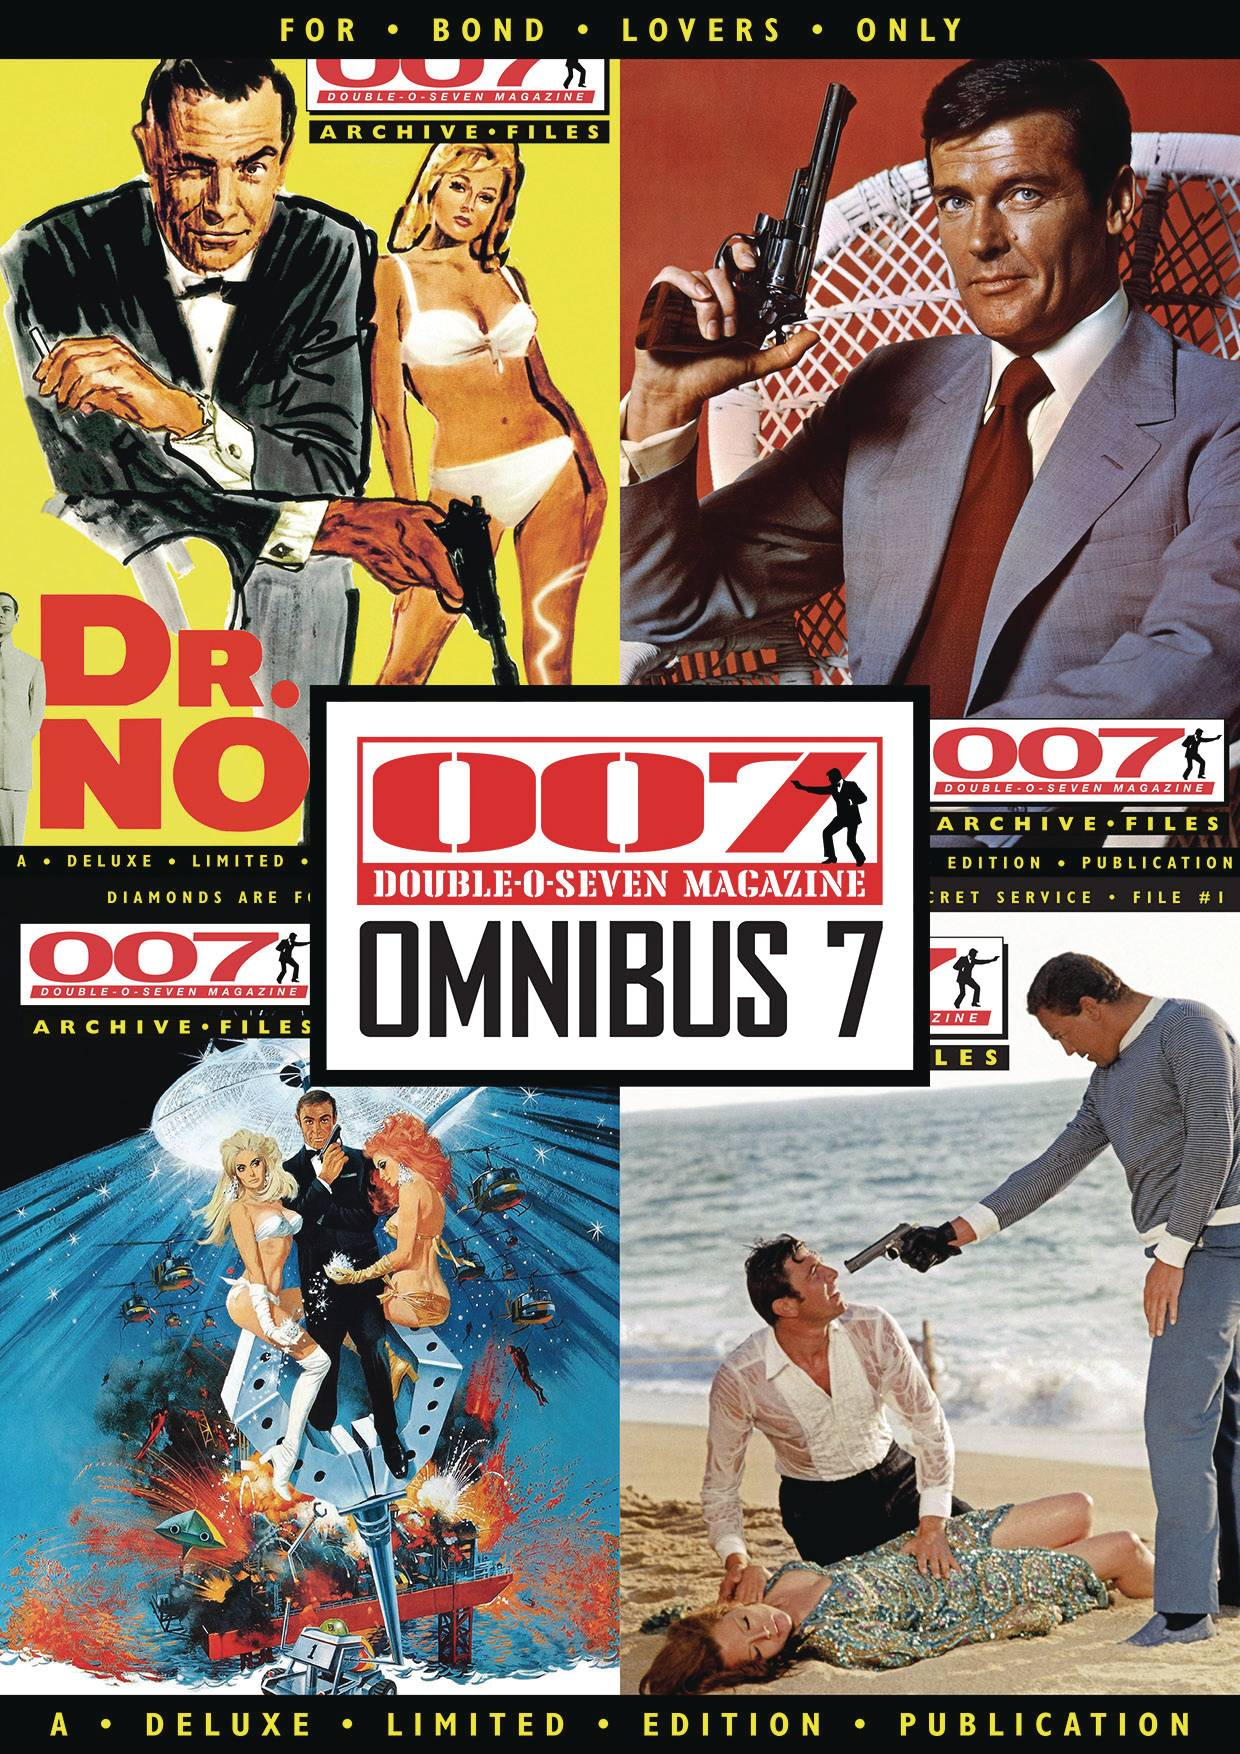 007 MAGAZINE OMNIBUS